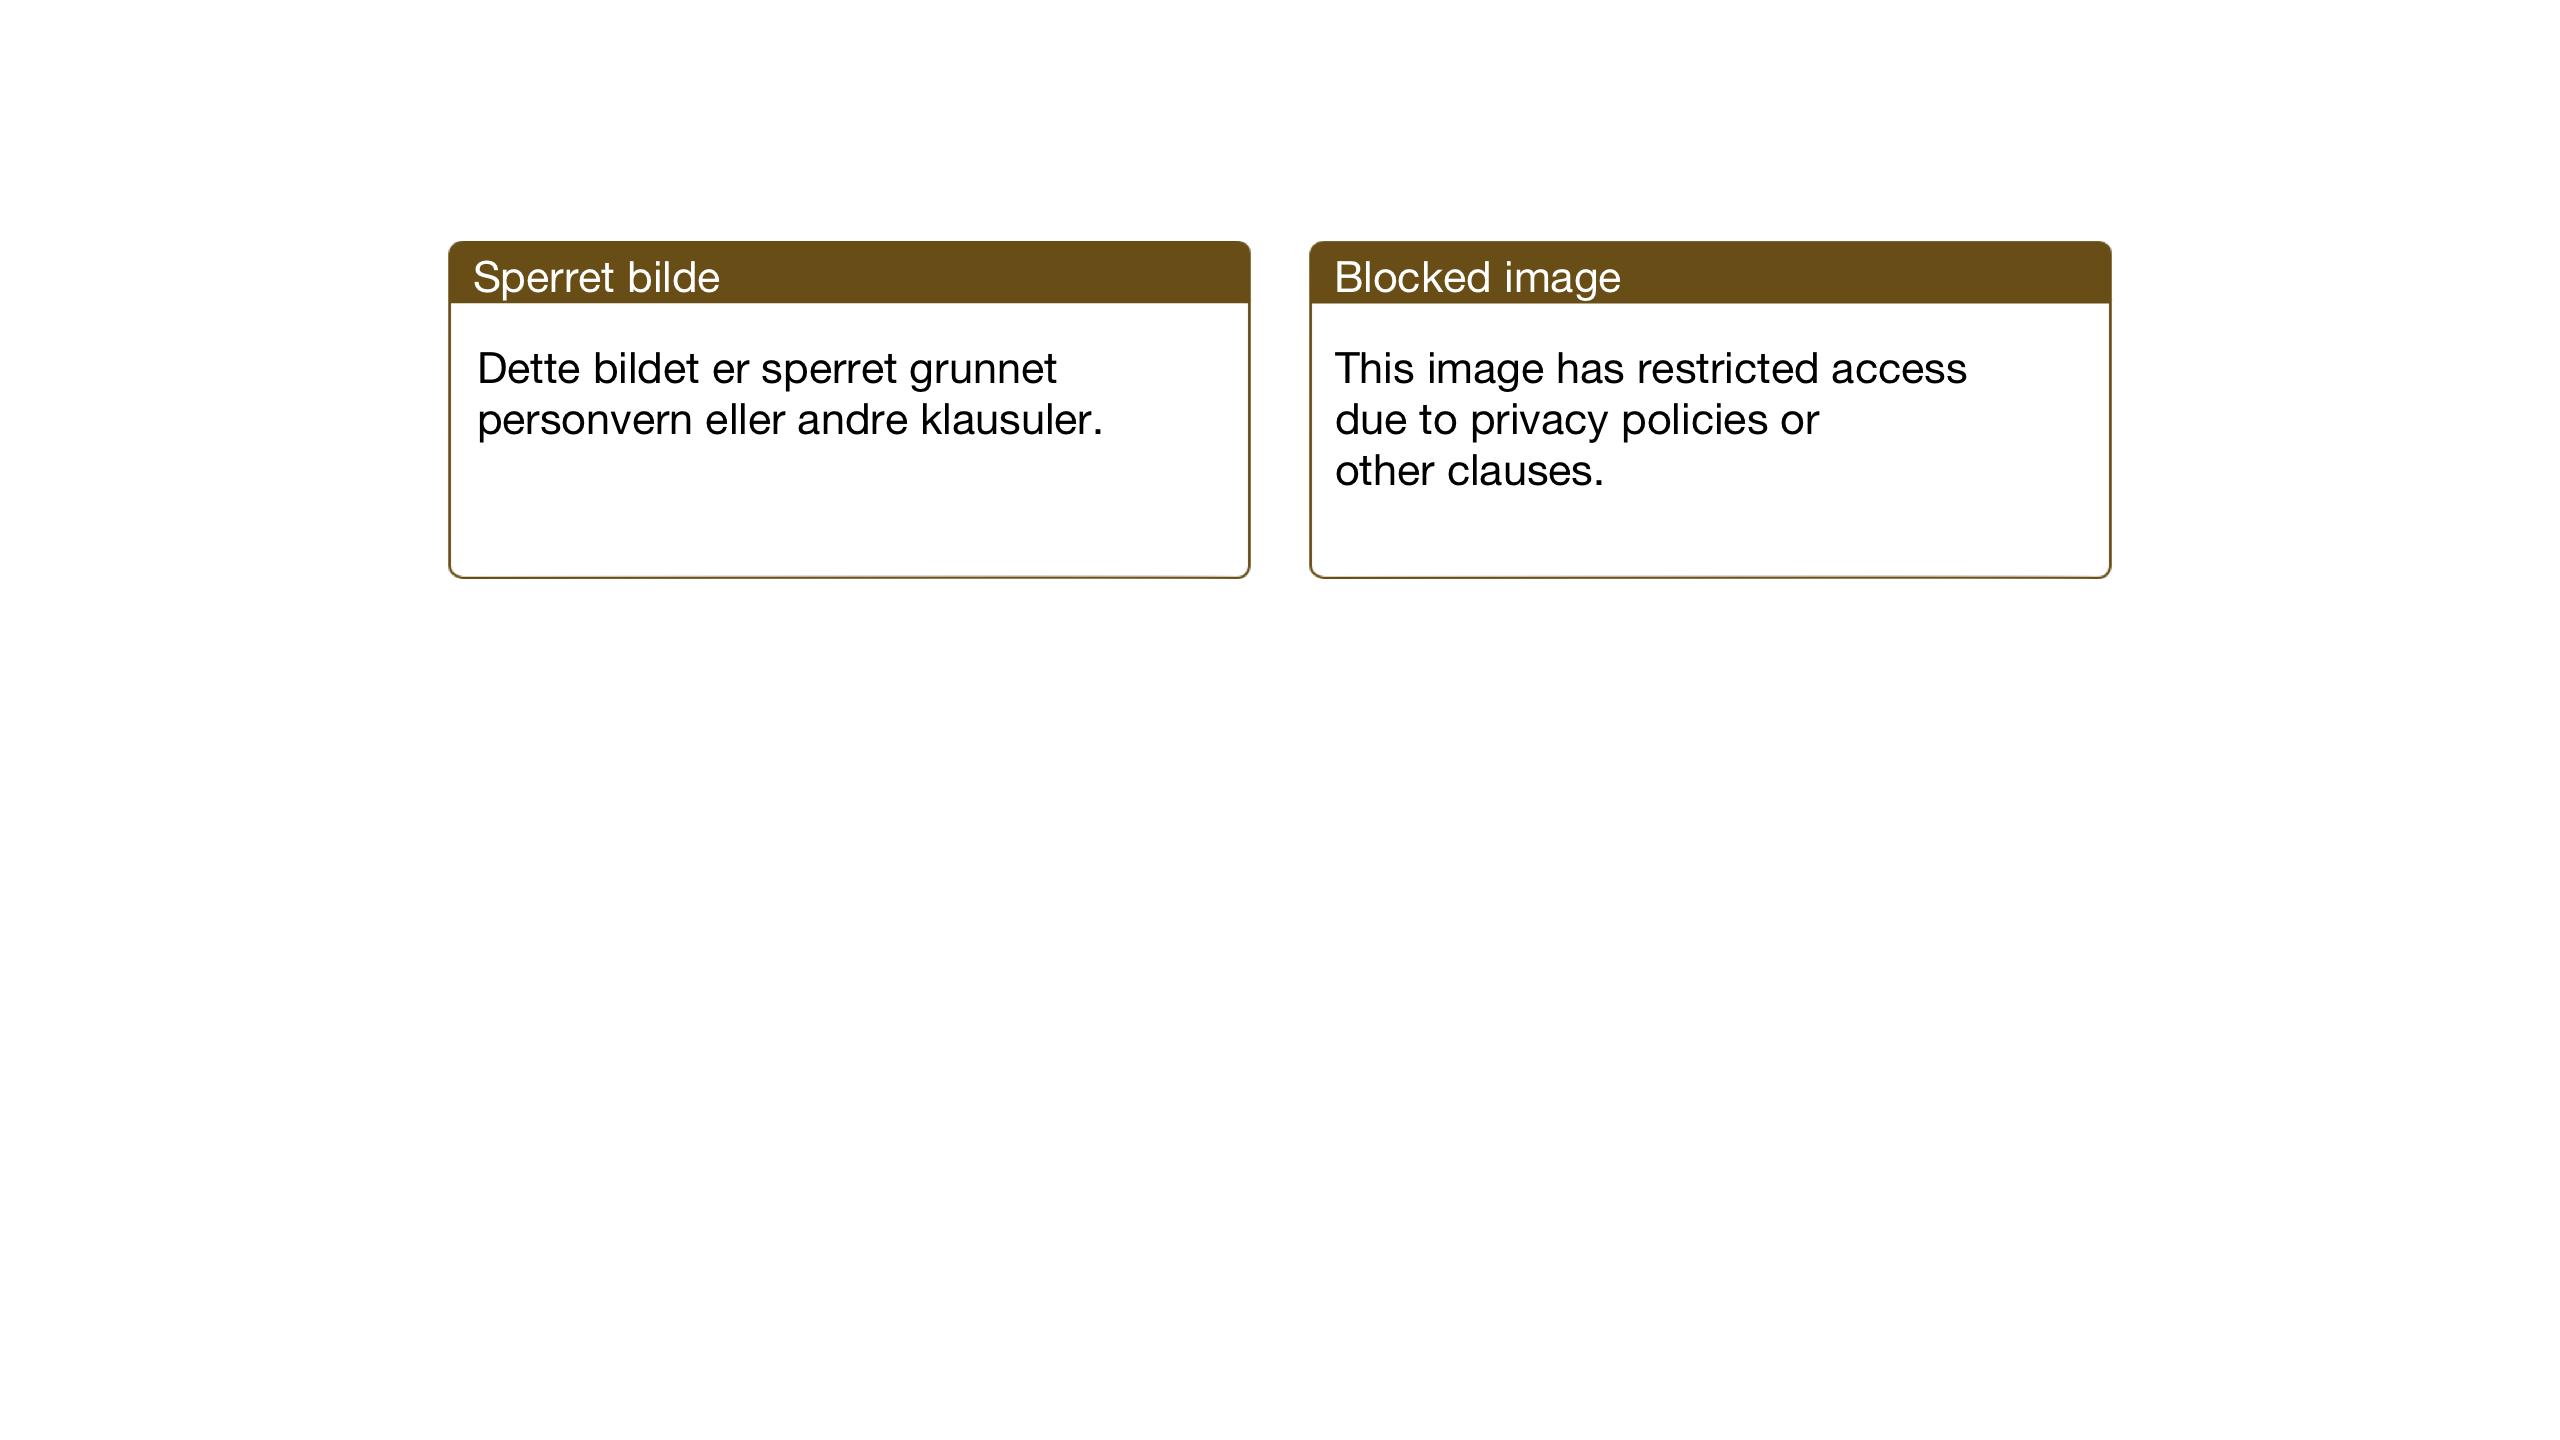 SAT, Ministerialprotokoller, klokkerbøker og fødselsregistre - Sør-Trøndelag, 662/L0758: Klokkerbok nr. 662C03, 1918-1948, s. 163